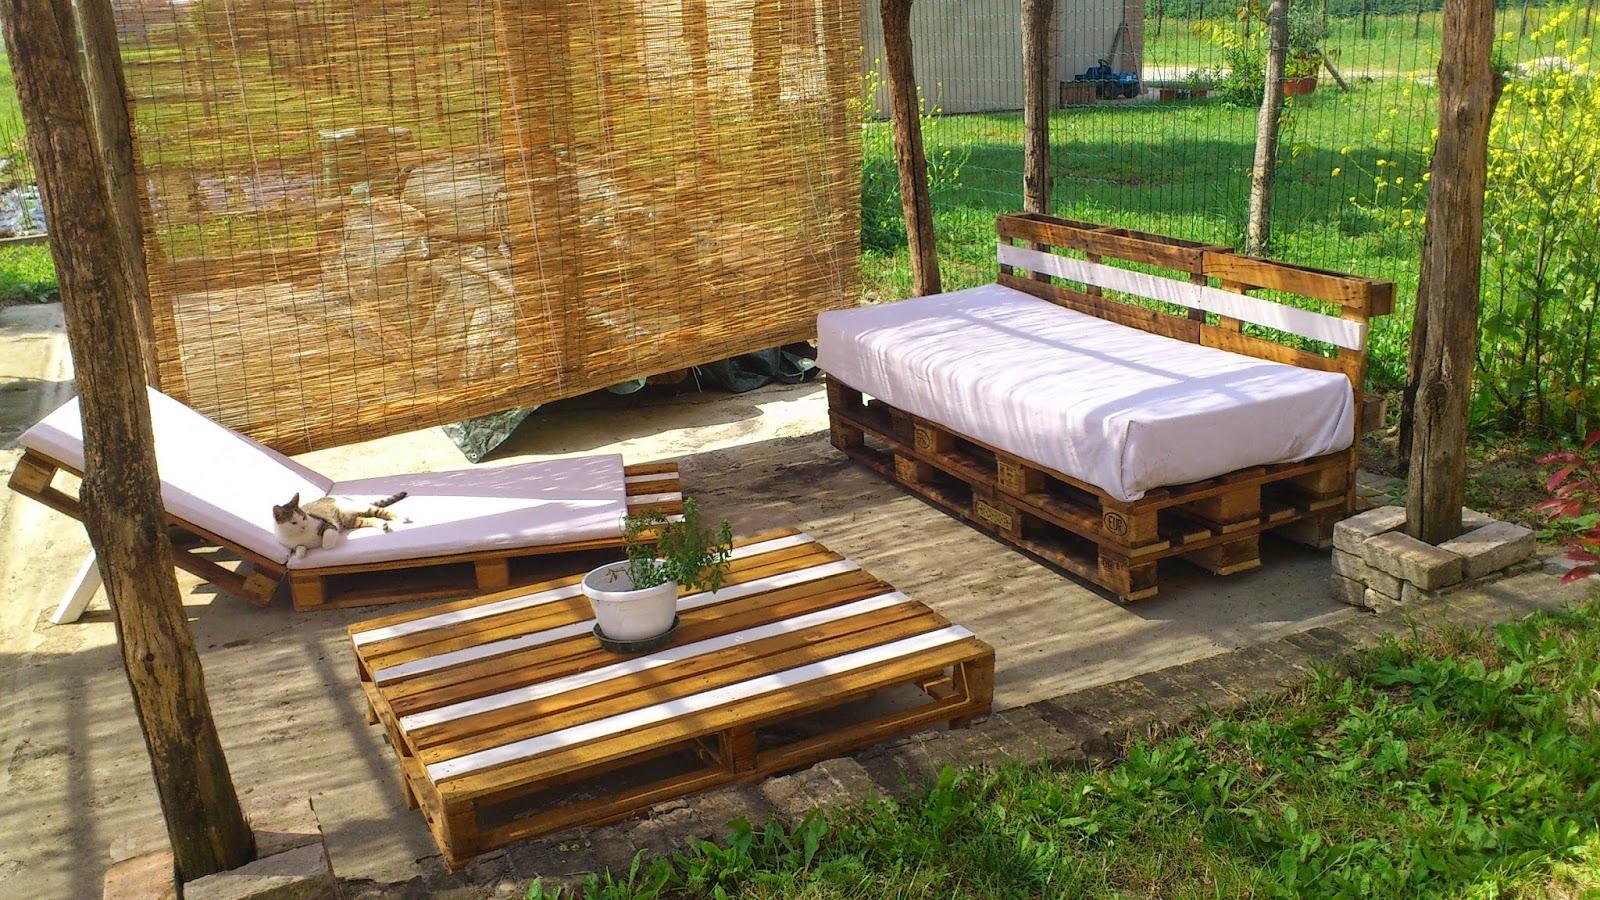 Le clementine arredamento giardino a costo zero - Mobili pallet prezzi ...